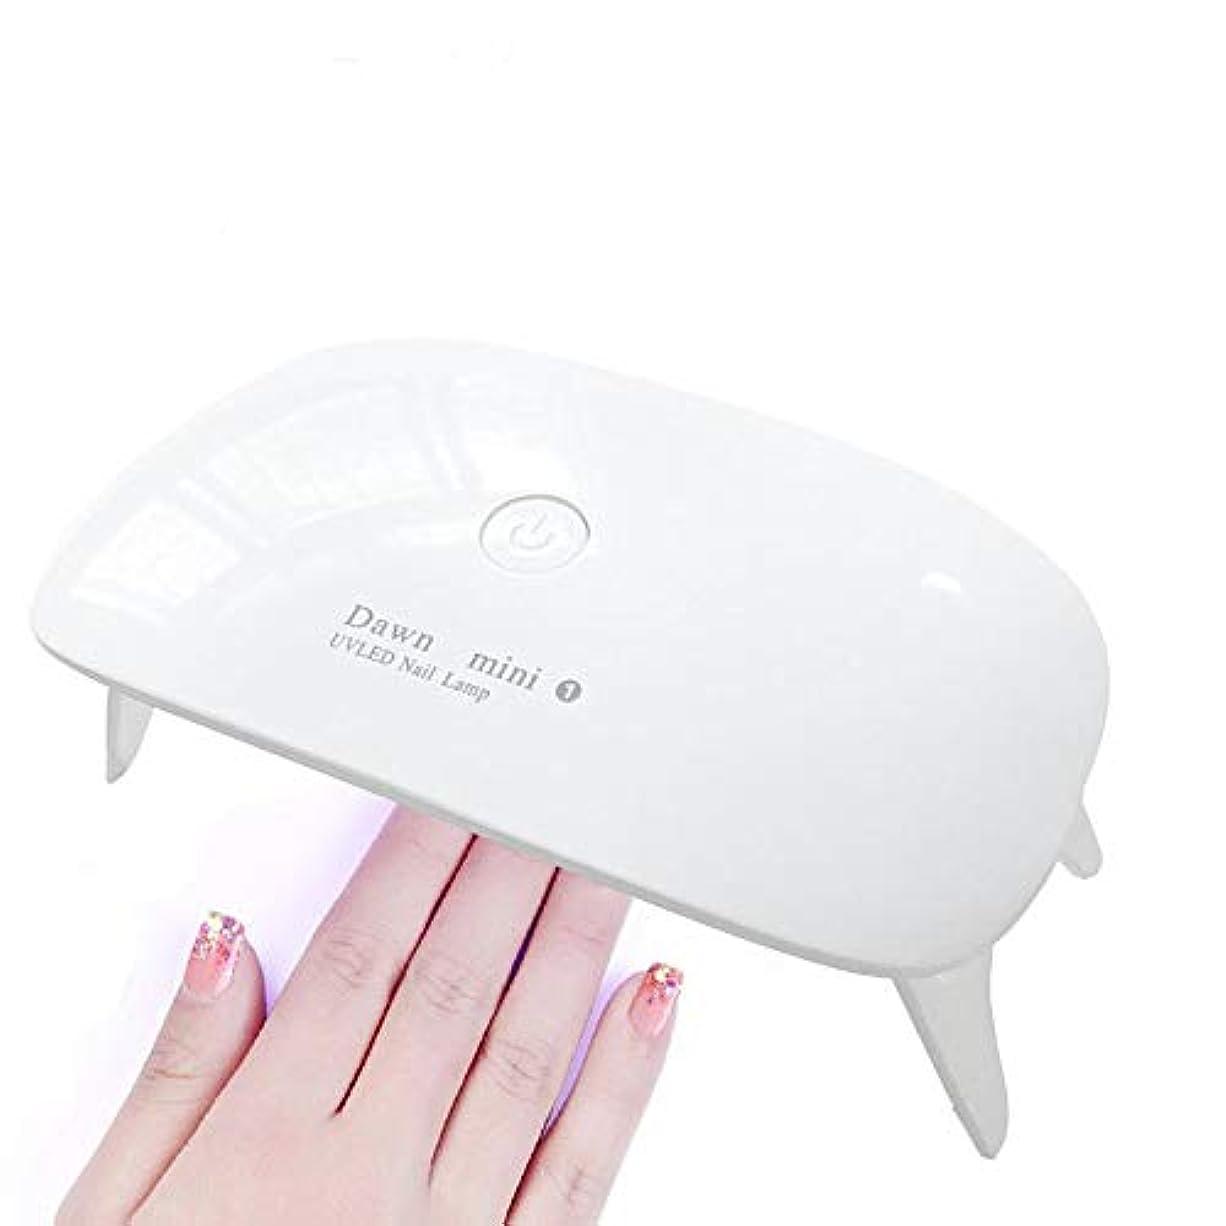 観光極小差別するLEDネイルドライヤー UVライト レジン用 硬化ライト タイマー設定可能 折りたたみ式手足とも使える UV と LEDダブルライト ジェルネイル と レジンクラフト用